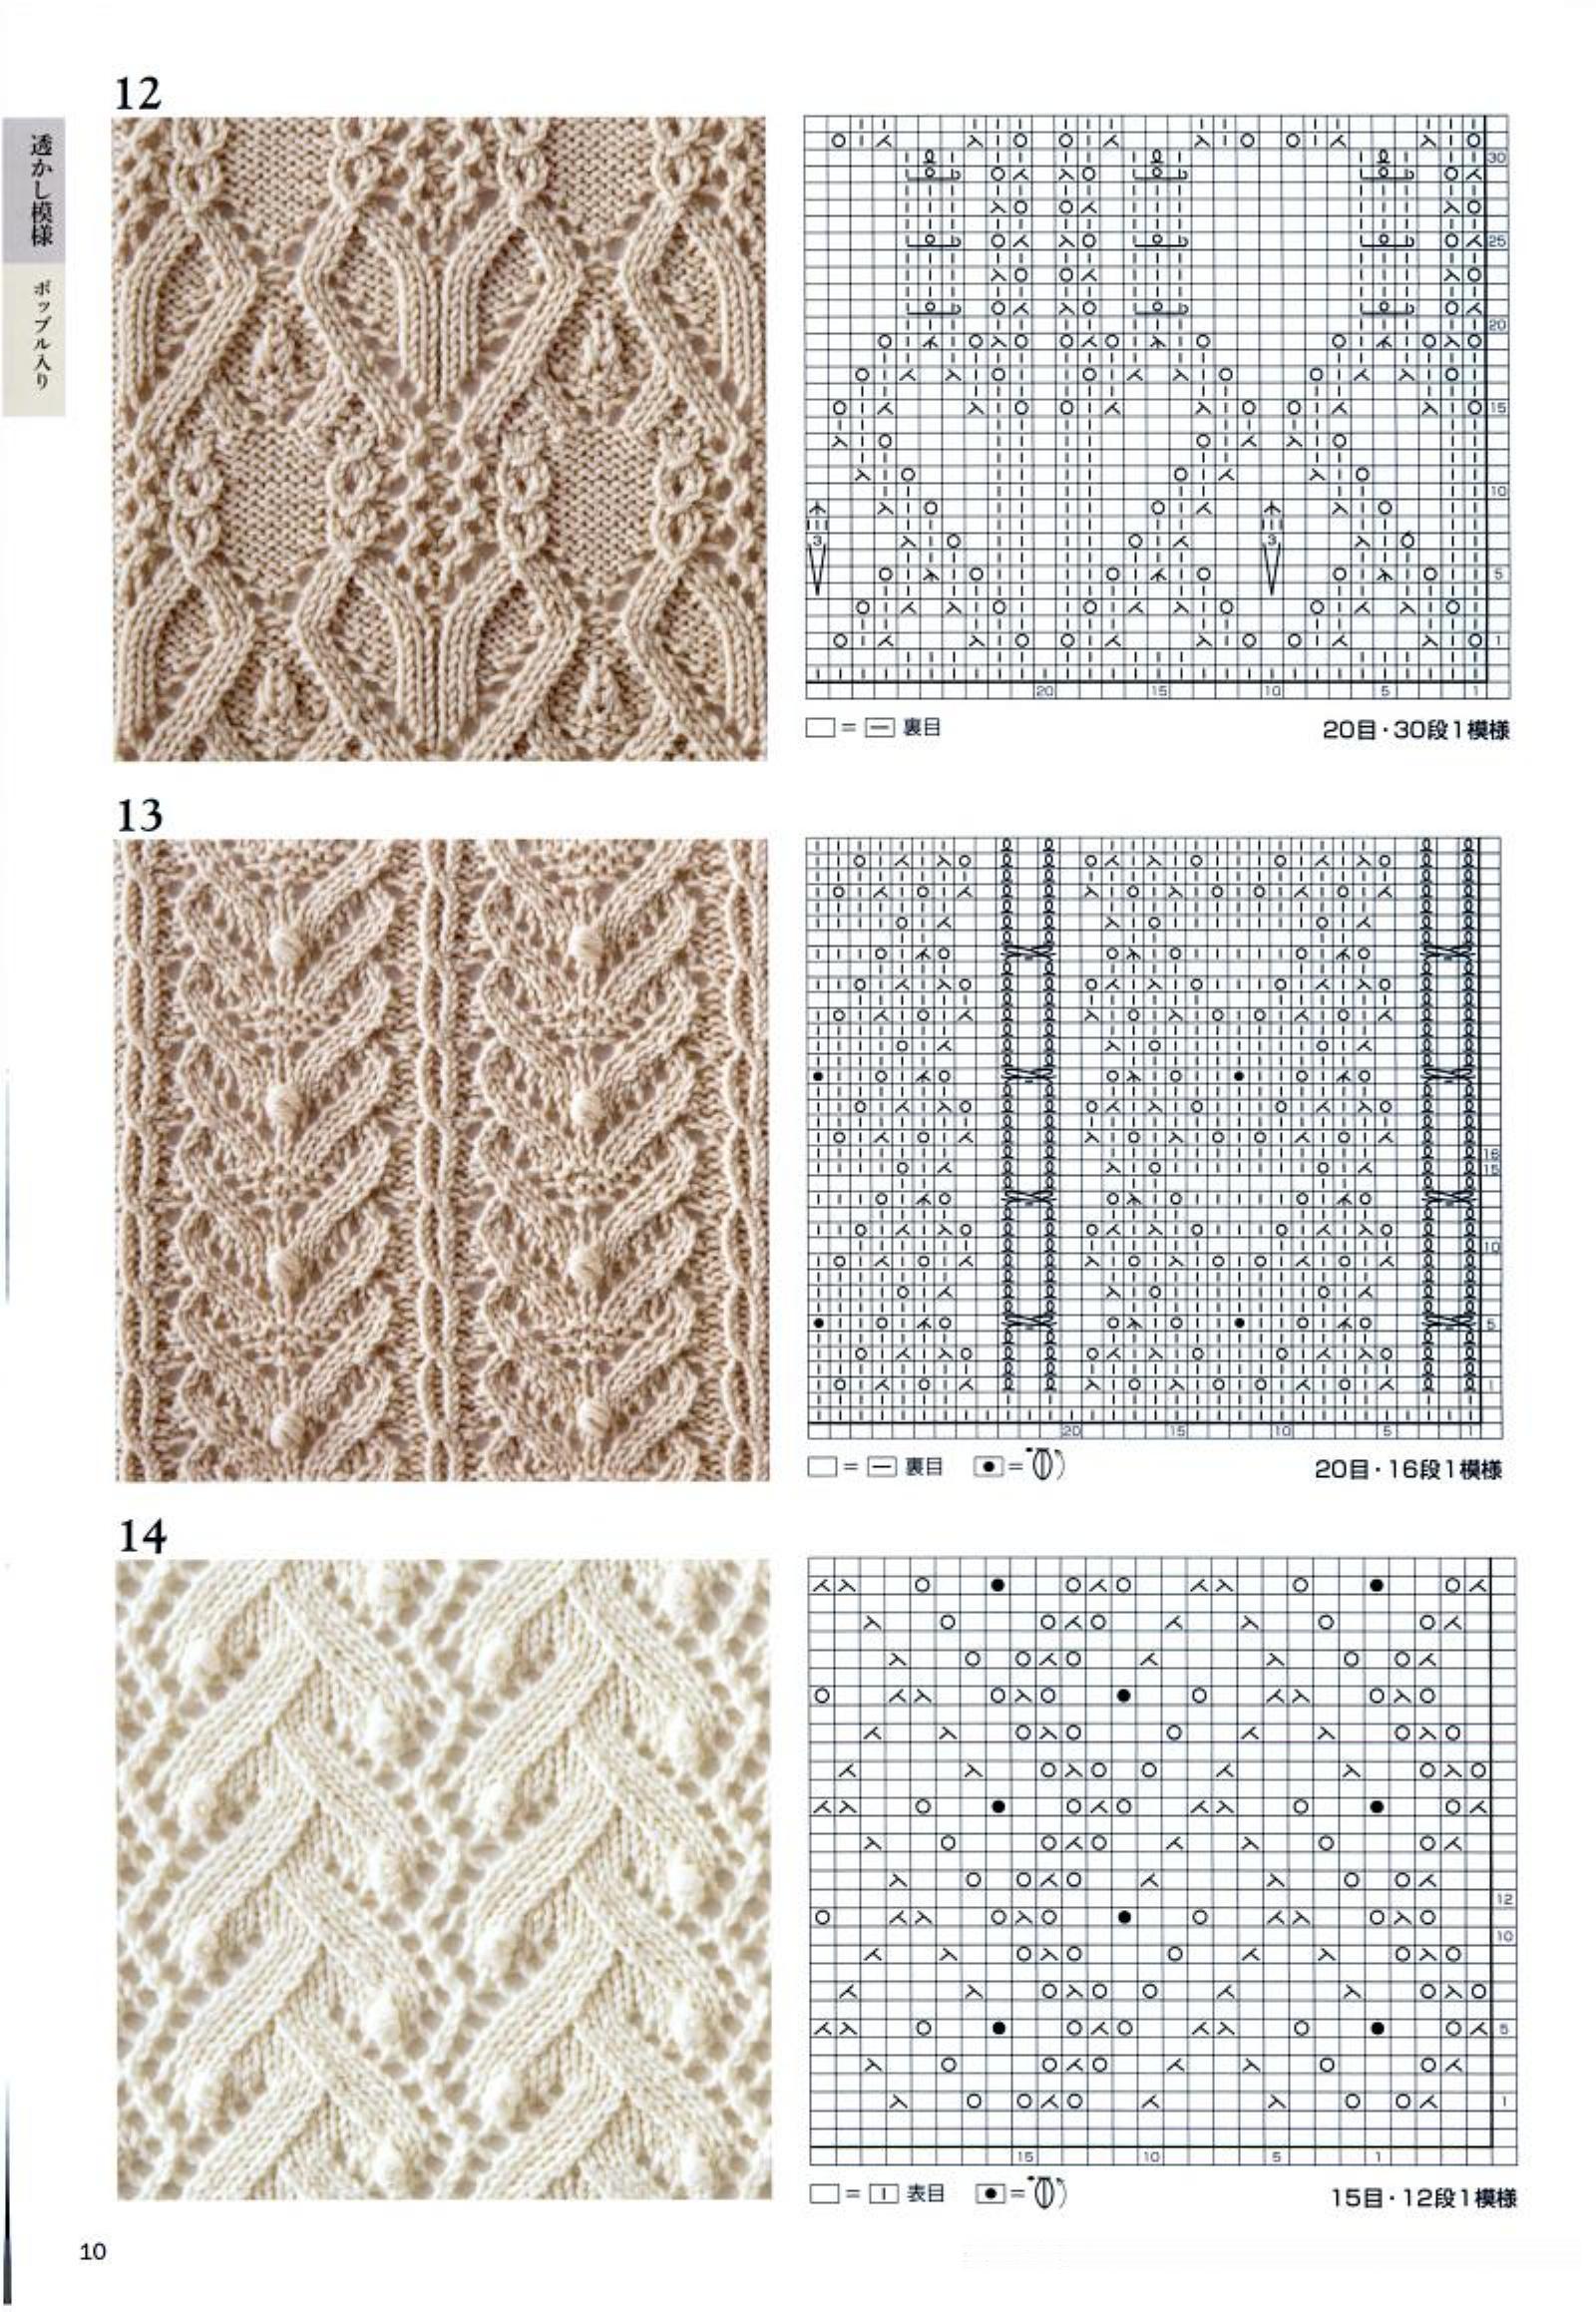 Японские ажурные узоры - Сайт Модное вязание http://modnoevyazanie.ru.com/